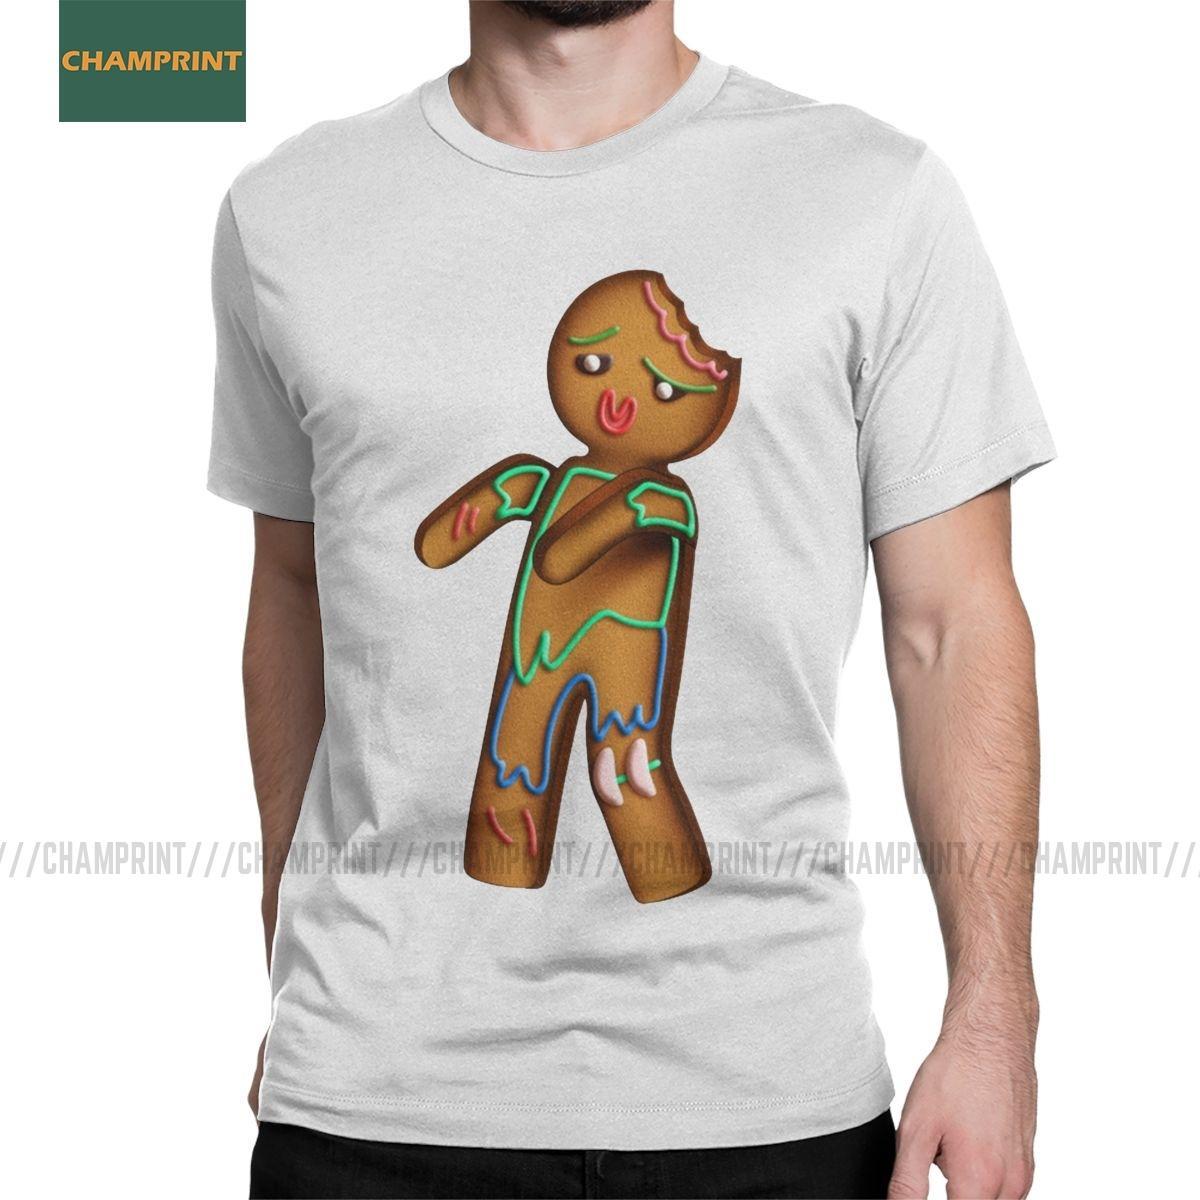 Hombres Camisetas Gingezombie de Navidad de Navidad de pan de jengibre divertido de algodón Tees Short Hombre manga Galletas T Shirts Ropa de cuello redondo